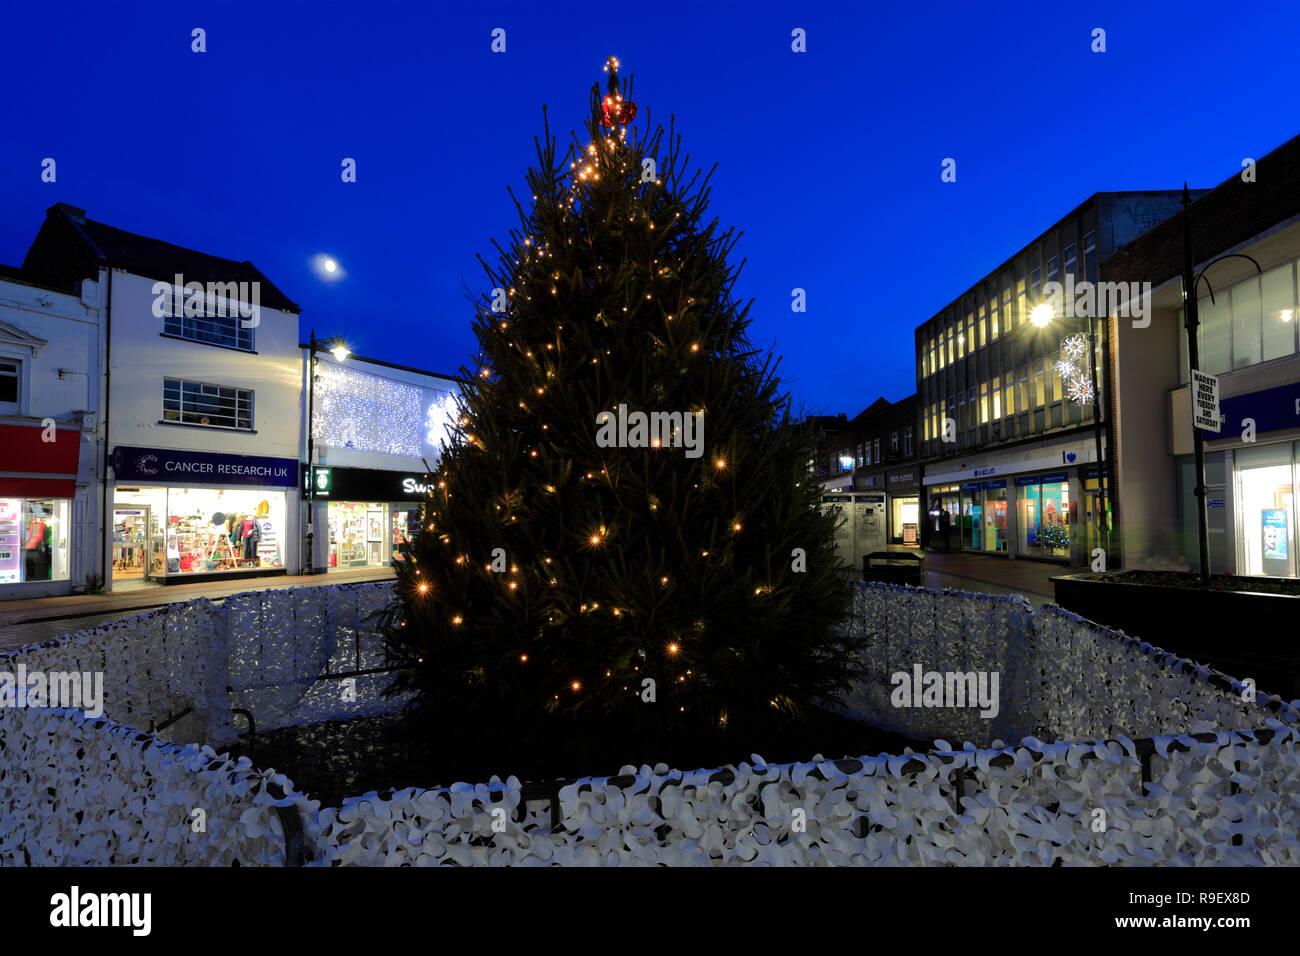 Lumières de Noël dans le centre-ville de Spalding; comté de Lincolnshire, Angleterre, Royaume-Uni Banque D'Images